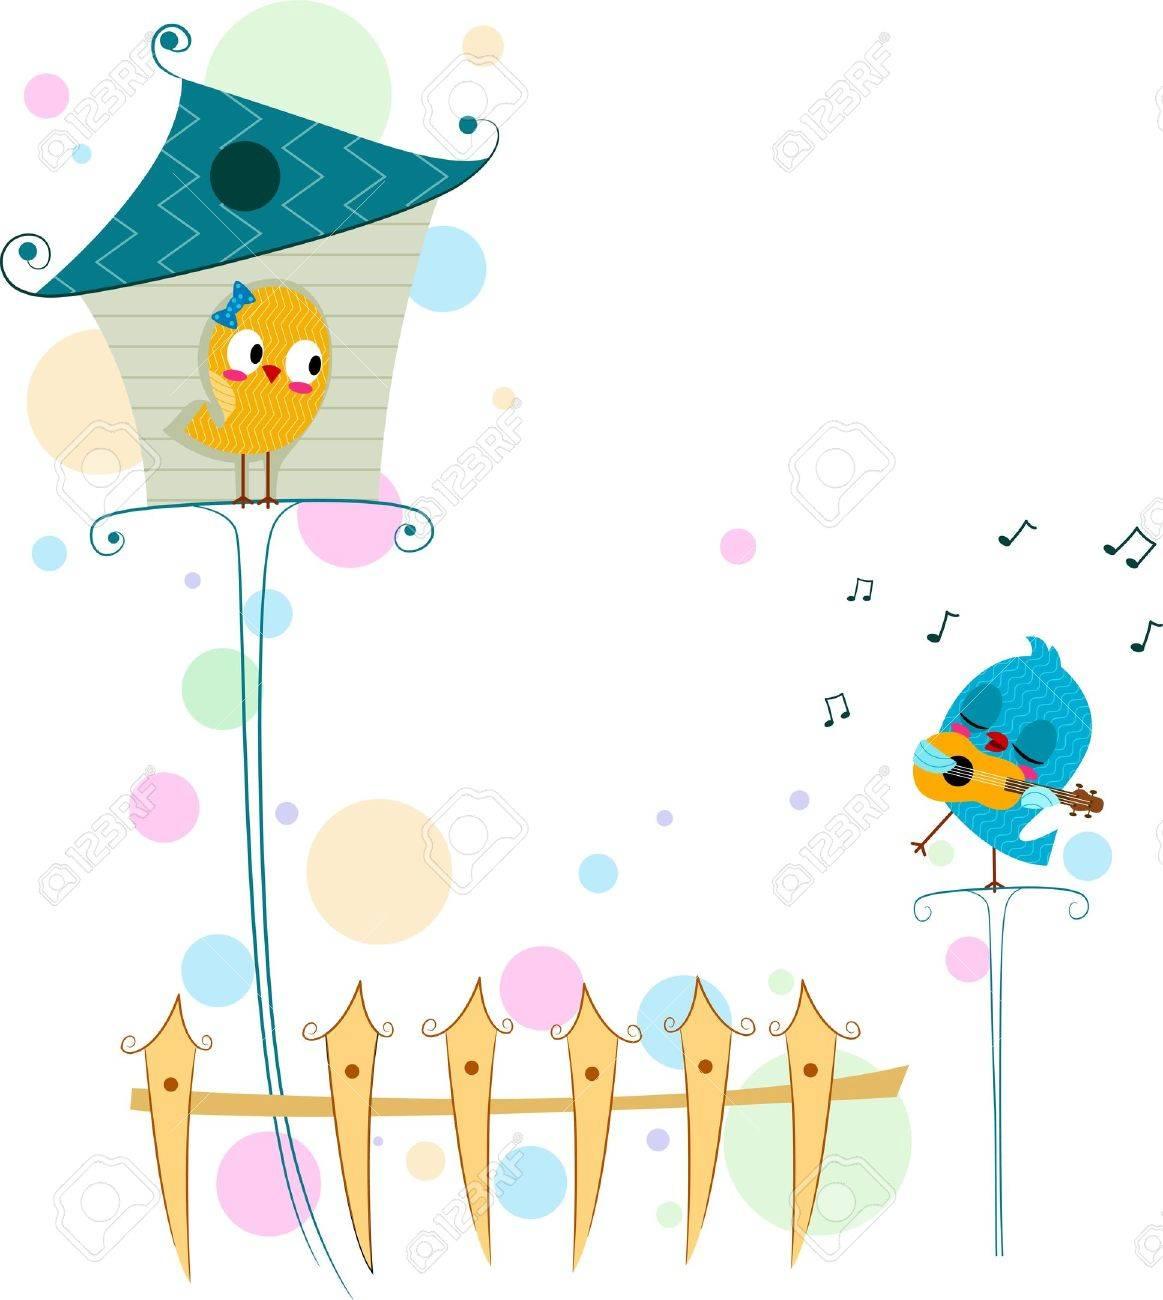 Illustration of a Lovebird Serenading Another Lovebird Stock Illustration - 8635562